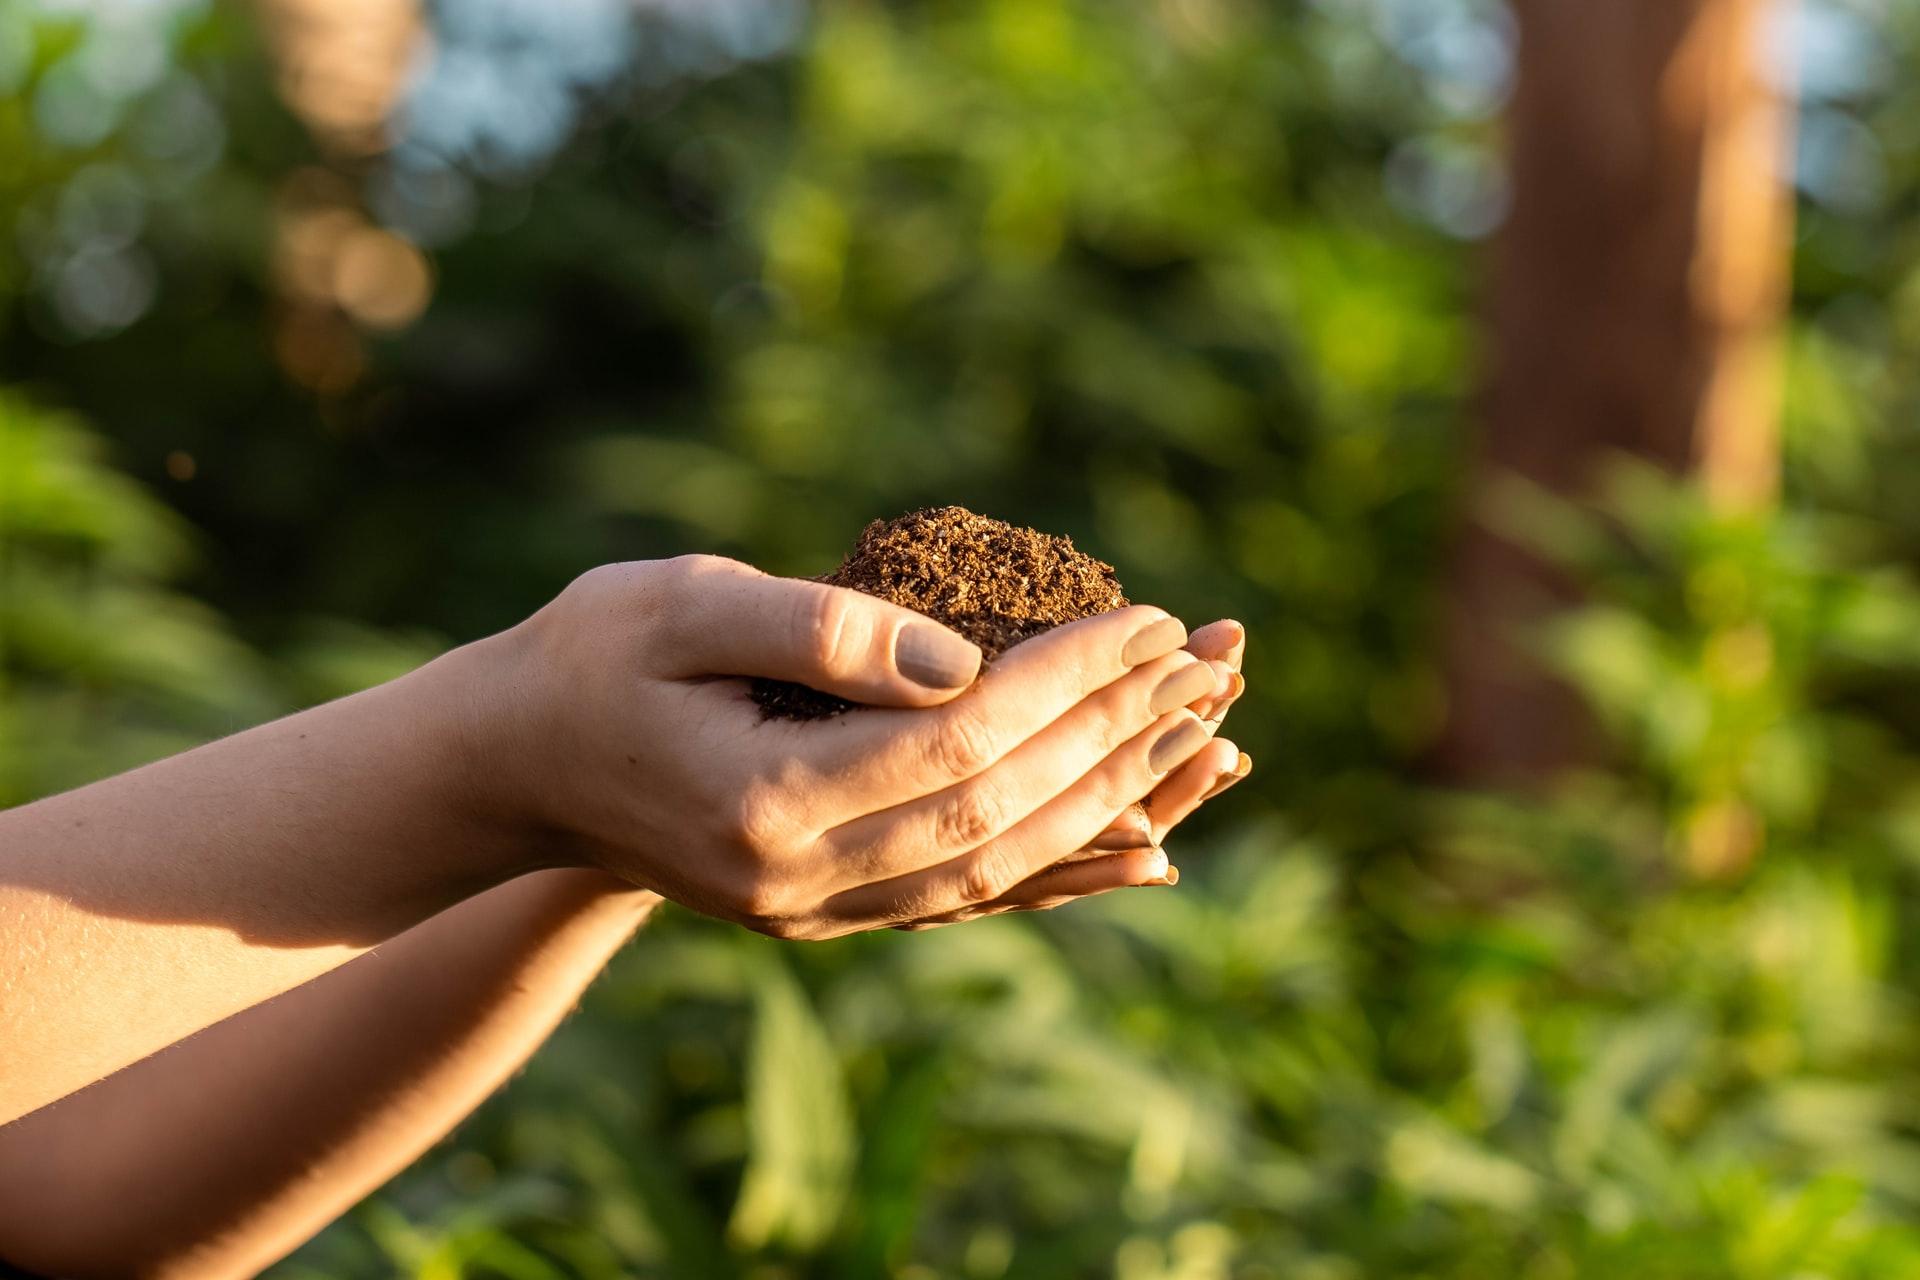 hands holding soil in garden